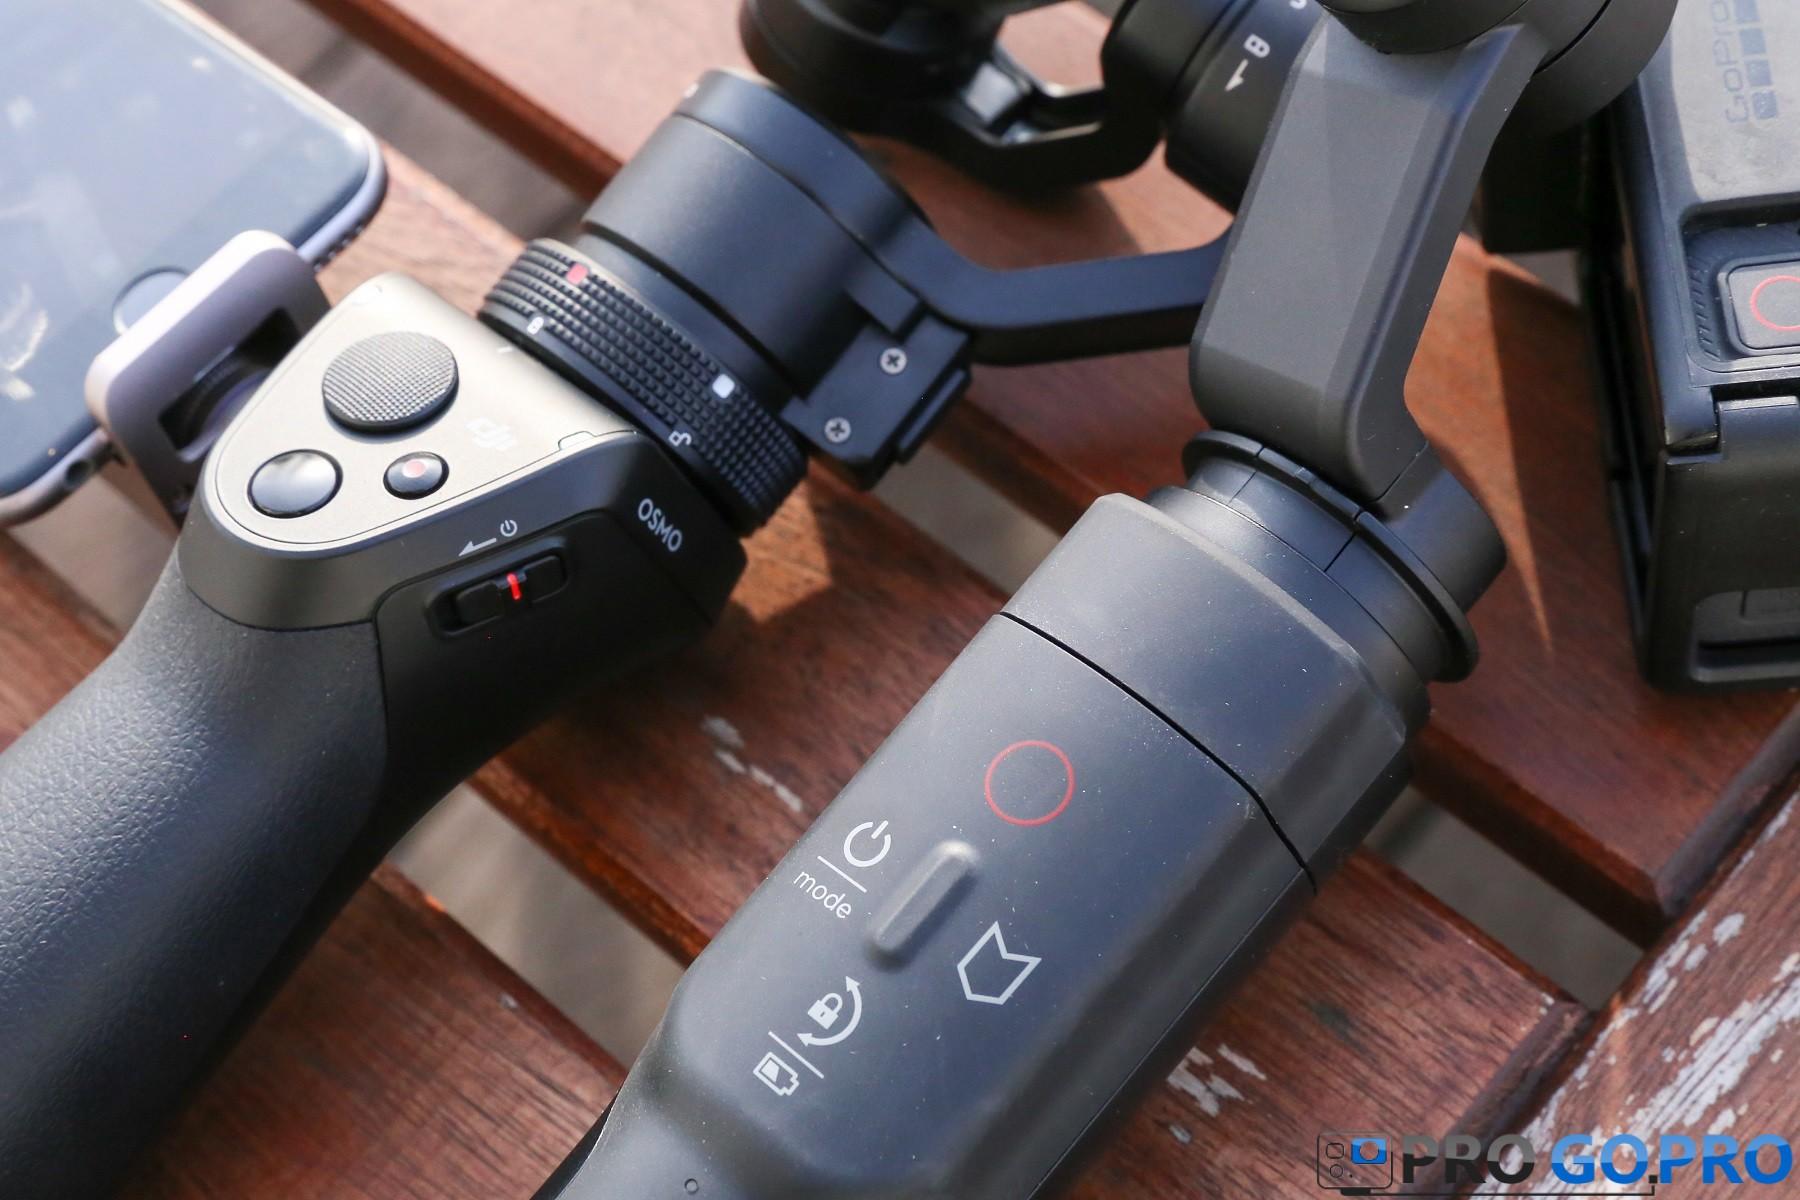 Кнопки управления DJI Osmo и GoPro Karma Grip